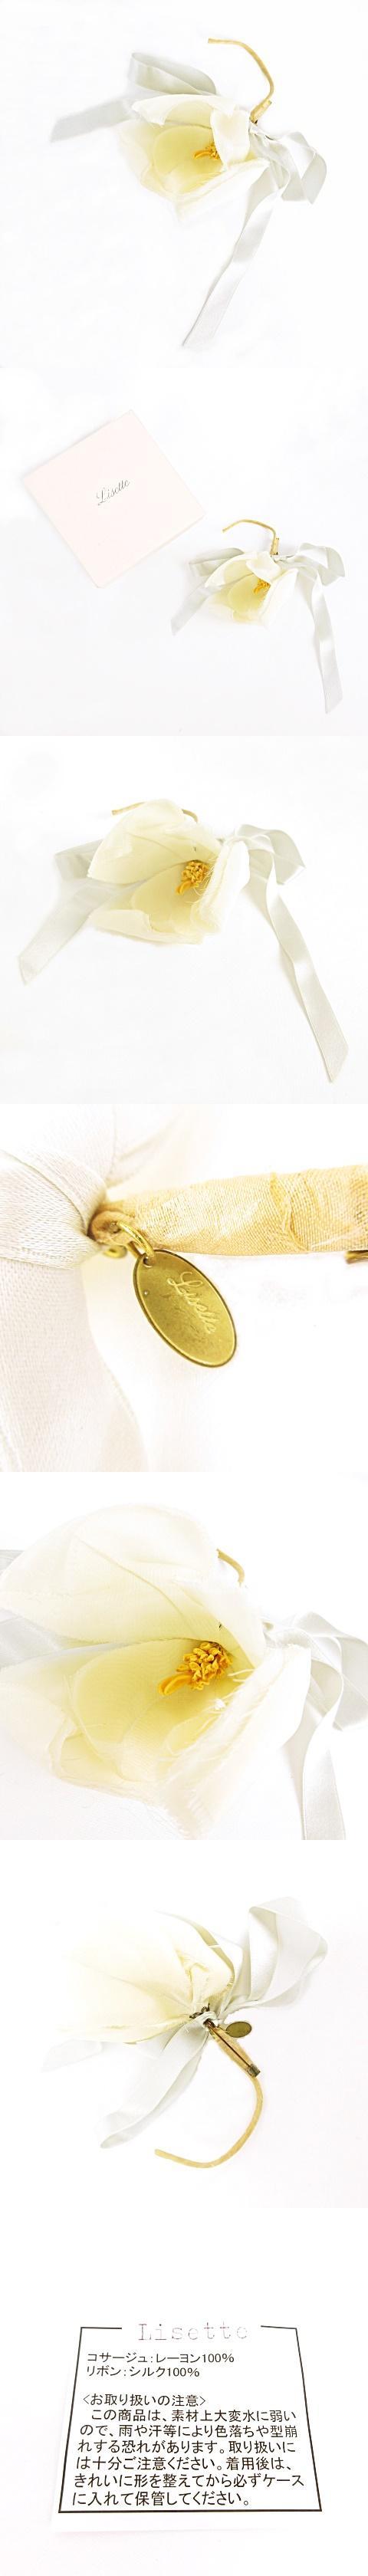 コサージュ マグノリア モクレン 花モチーフ 一輪 リボン付き ロゴプレート付き ブローチ ピン アクセサリー 全長12cm アイボリー オフホワイト 白 箱入り 美品